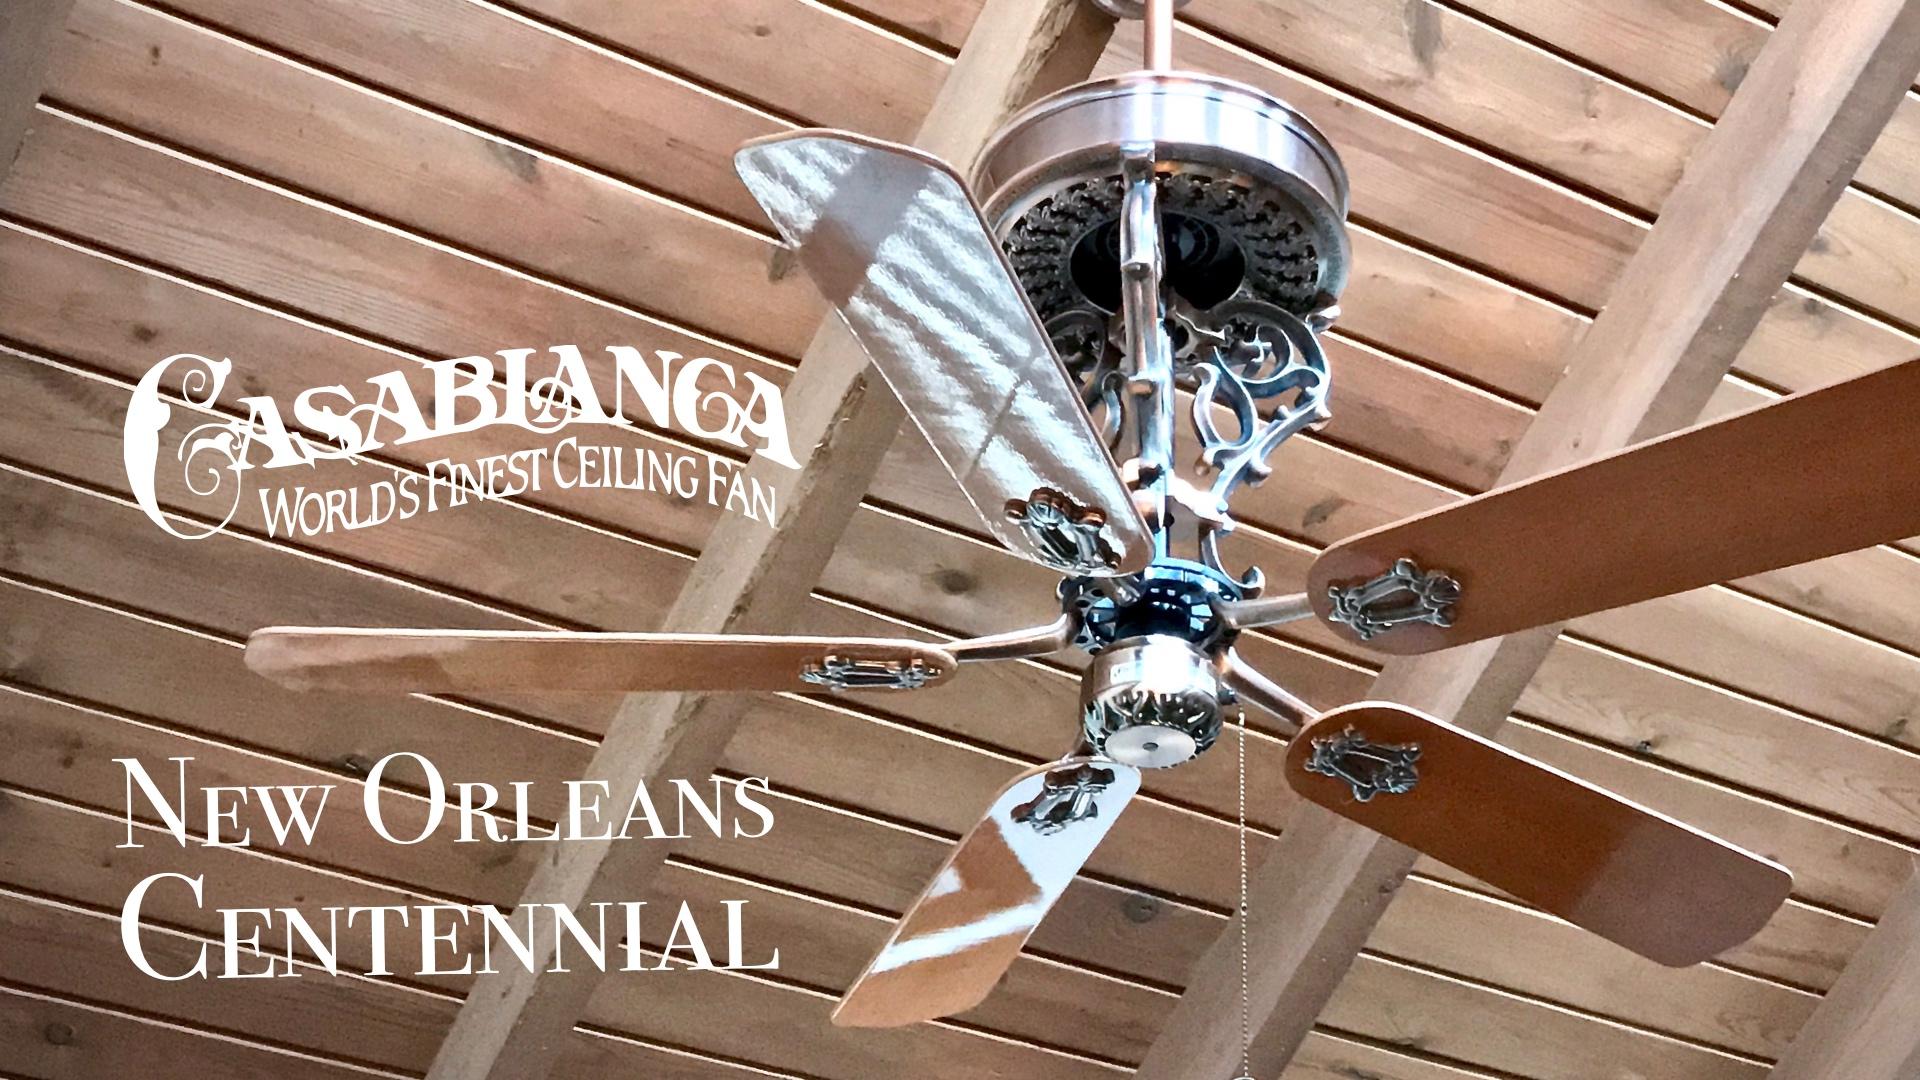 Casablanca new orleans centennial aloadofball Image collections